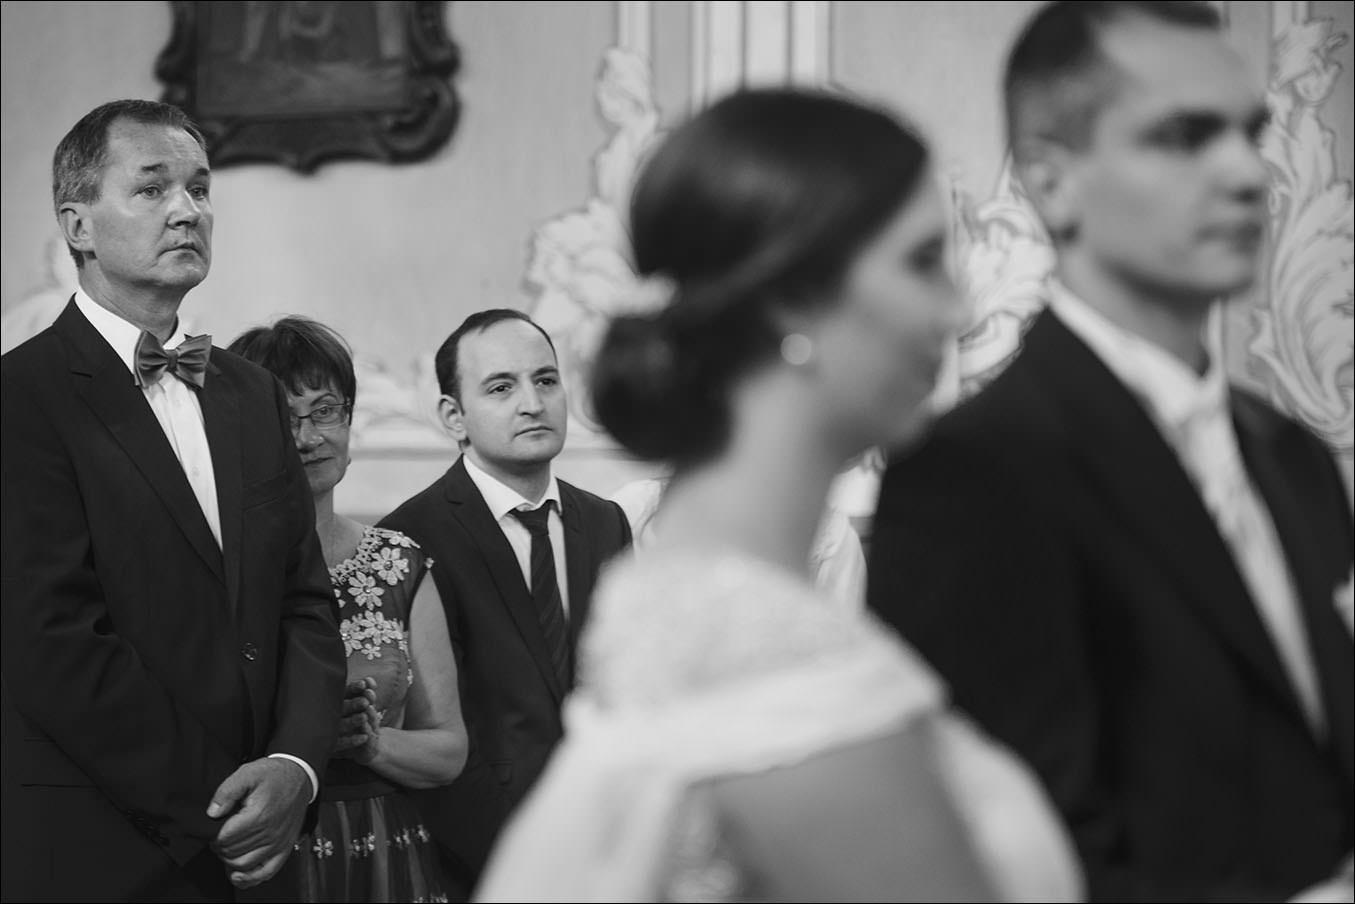 slask fotograf bielsko biala diana i dawid 04 - Hotel Ostaniec - DIANA & DAWID